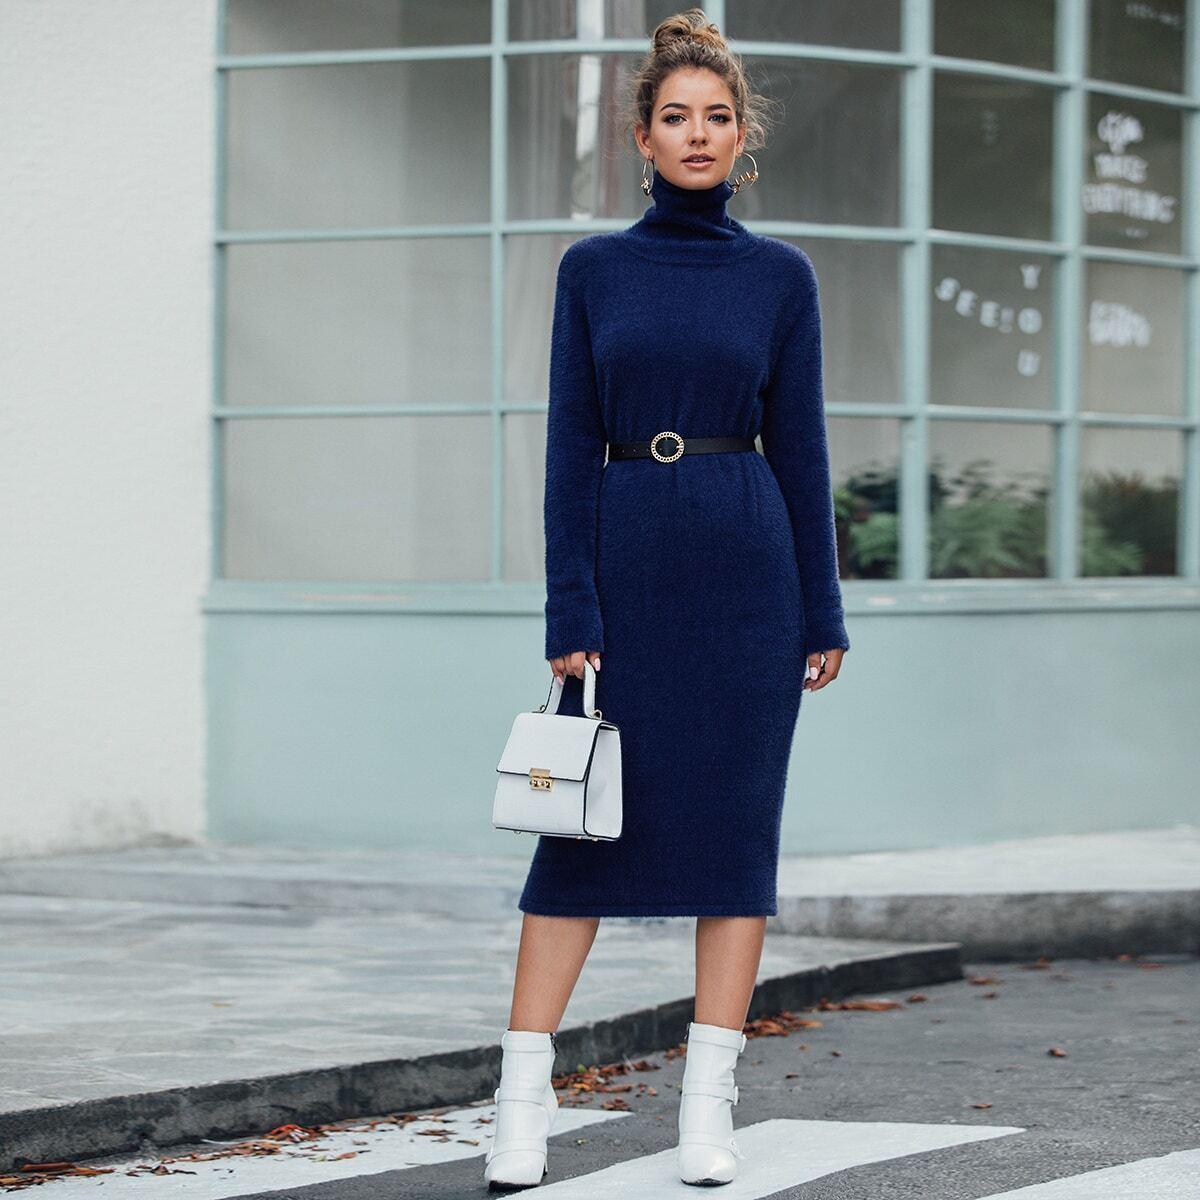 SHEIN / Strick Sweater Kleid mit hohem Kragen